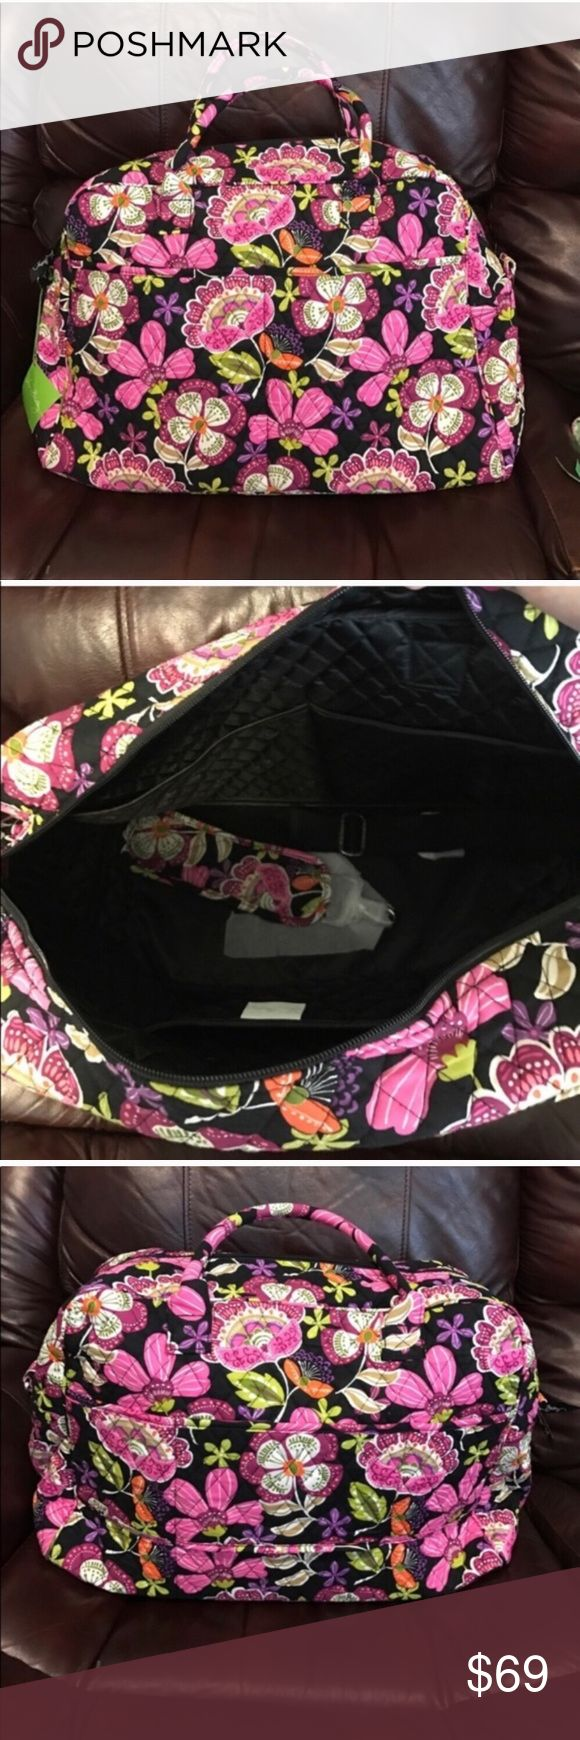 NWT Vera Bradley weekender bag pirouette pink NWT Vera Bradley weekender travel bag: dimensions 13 in high and 18 in wide Vera Bradley Bags Travel Bags